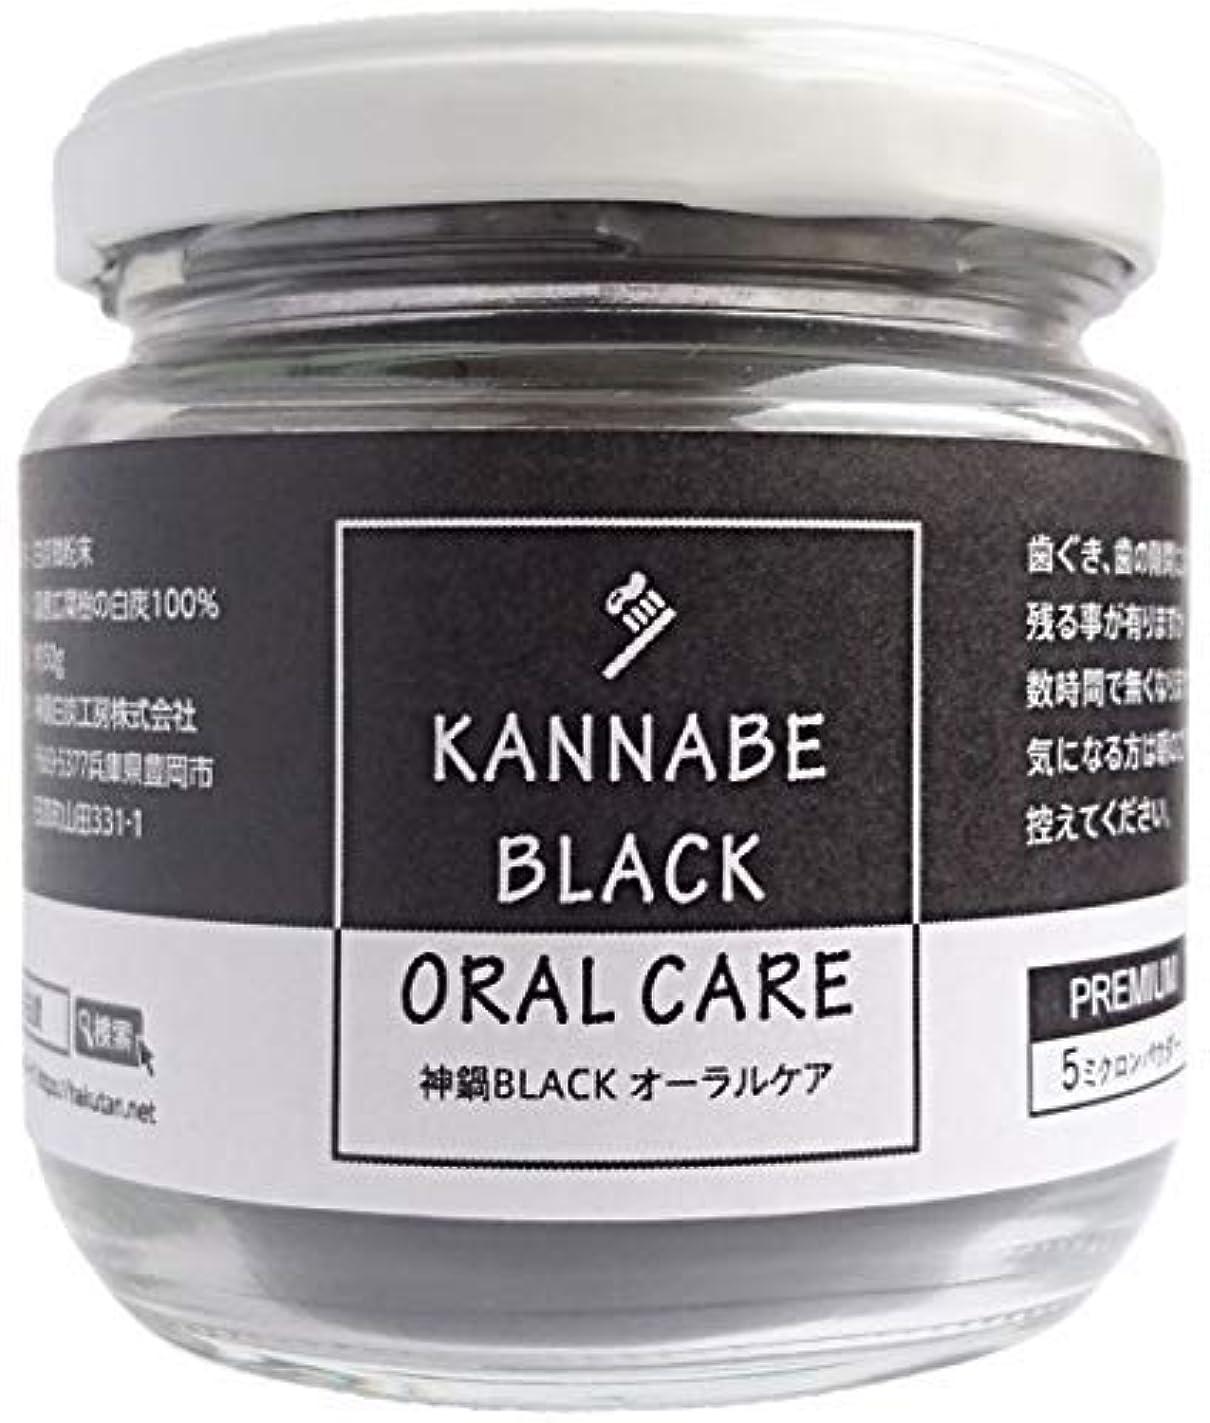 アセンブリペンダントランダムホワイトニング オーラルケア 歯磨き 口臭 炭パウダー チャコール 5ミクロン 神鍋BLACK 独自白炭製法 50g